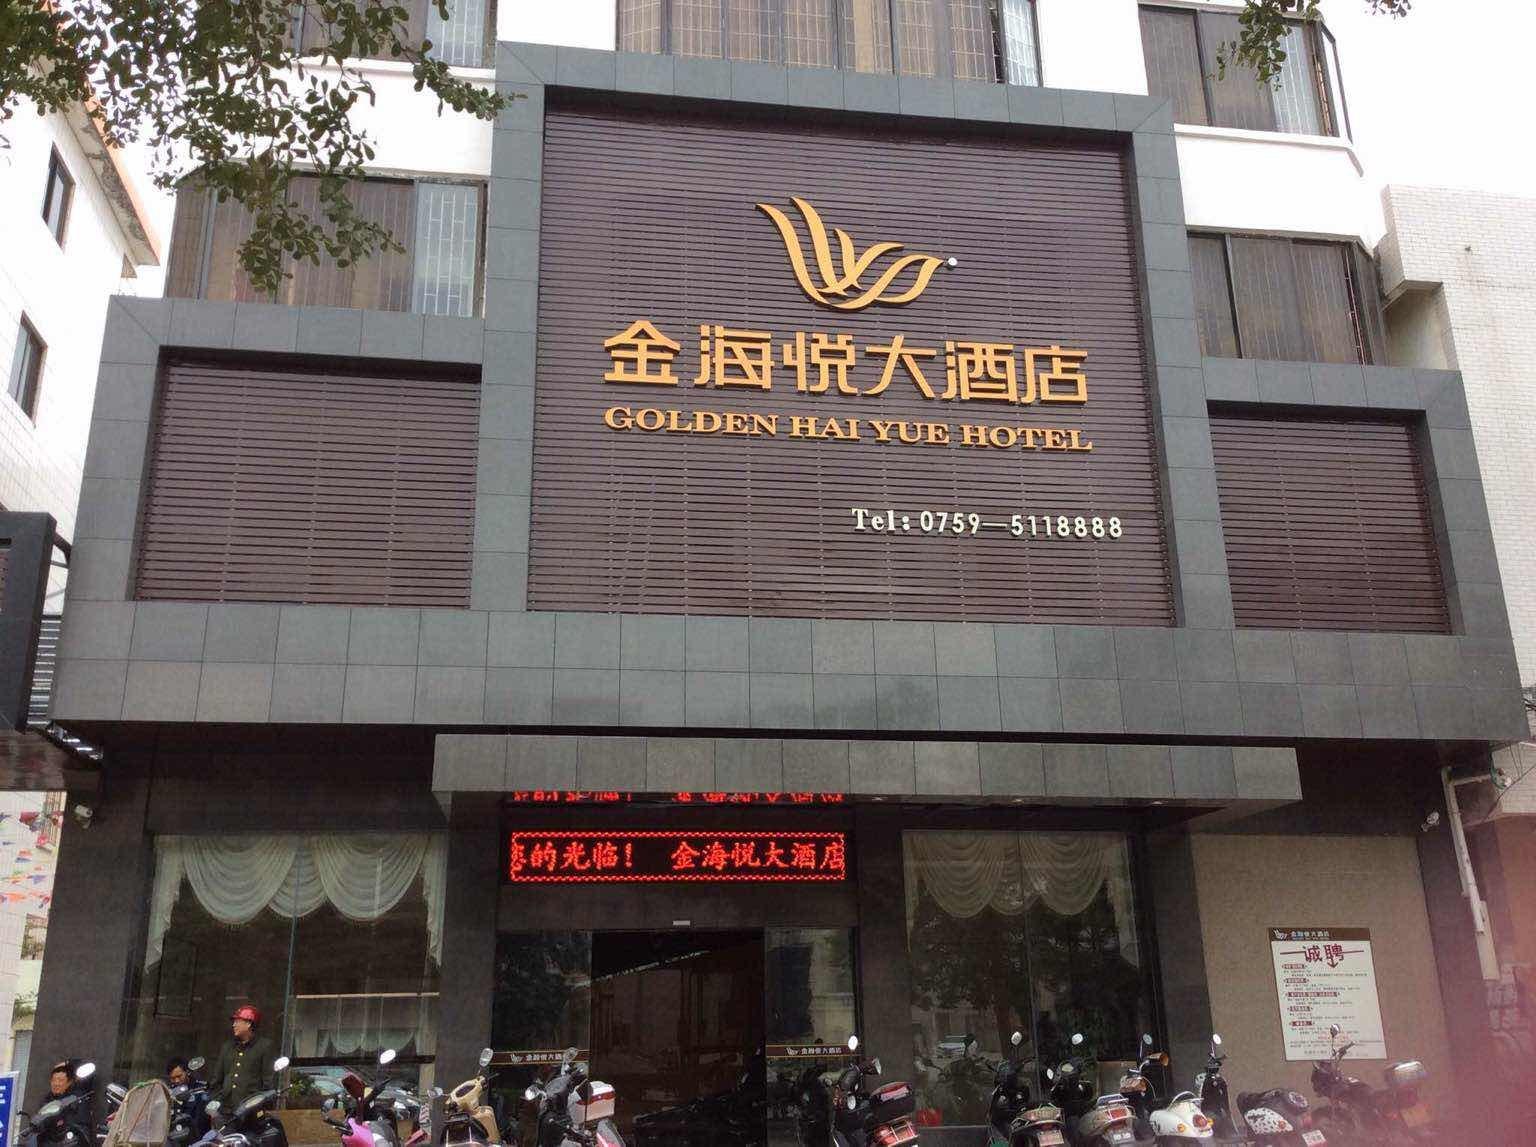 吴川金海悦大酒店